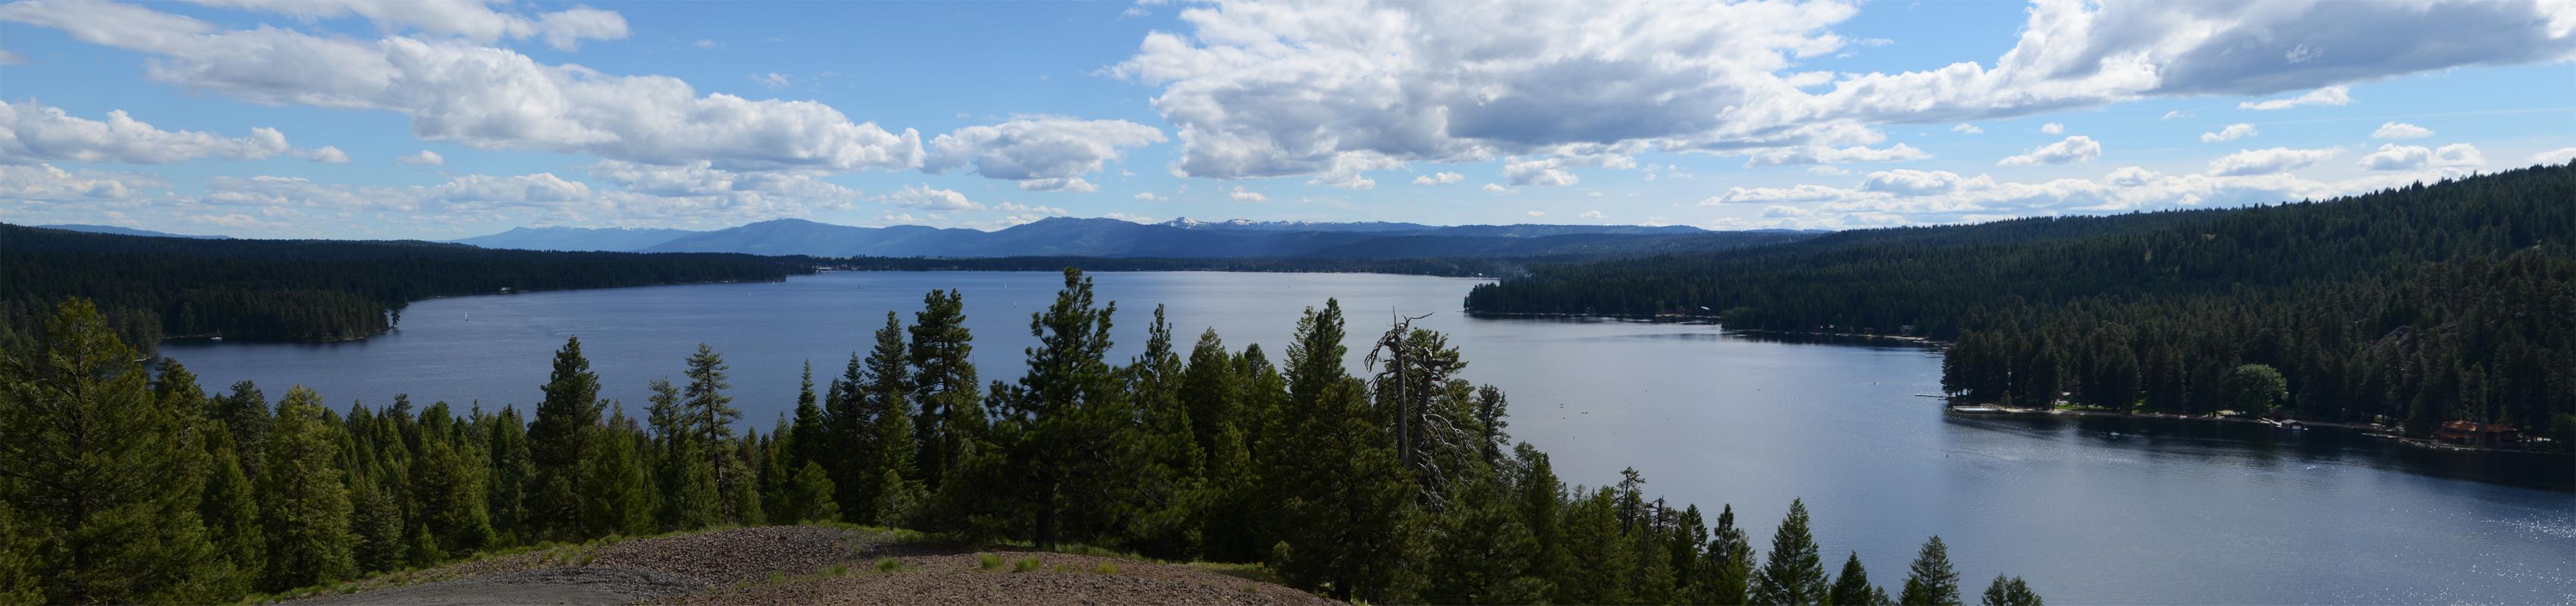 Payette Lake by eRality